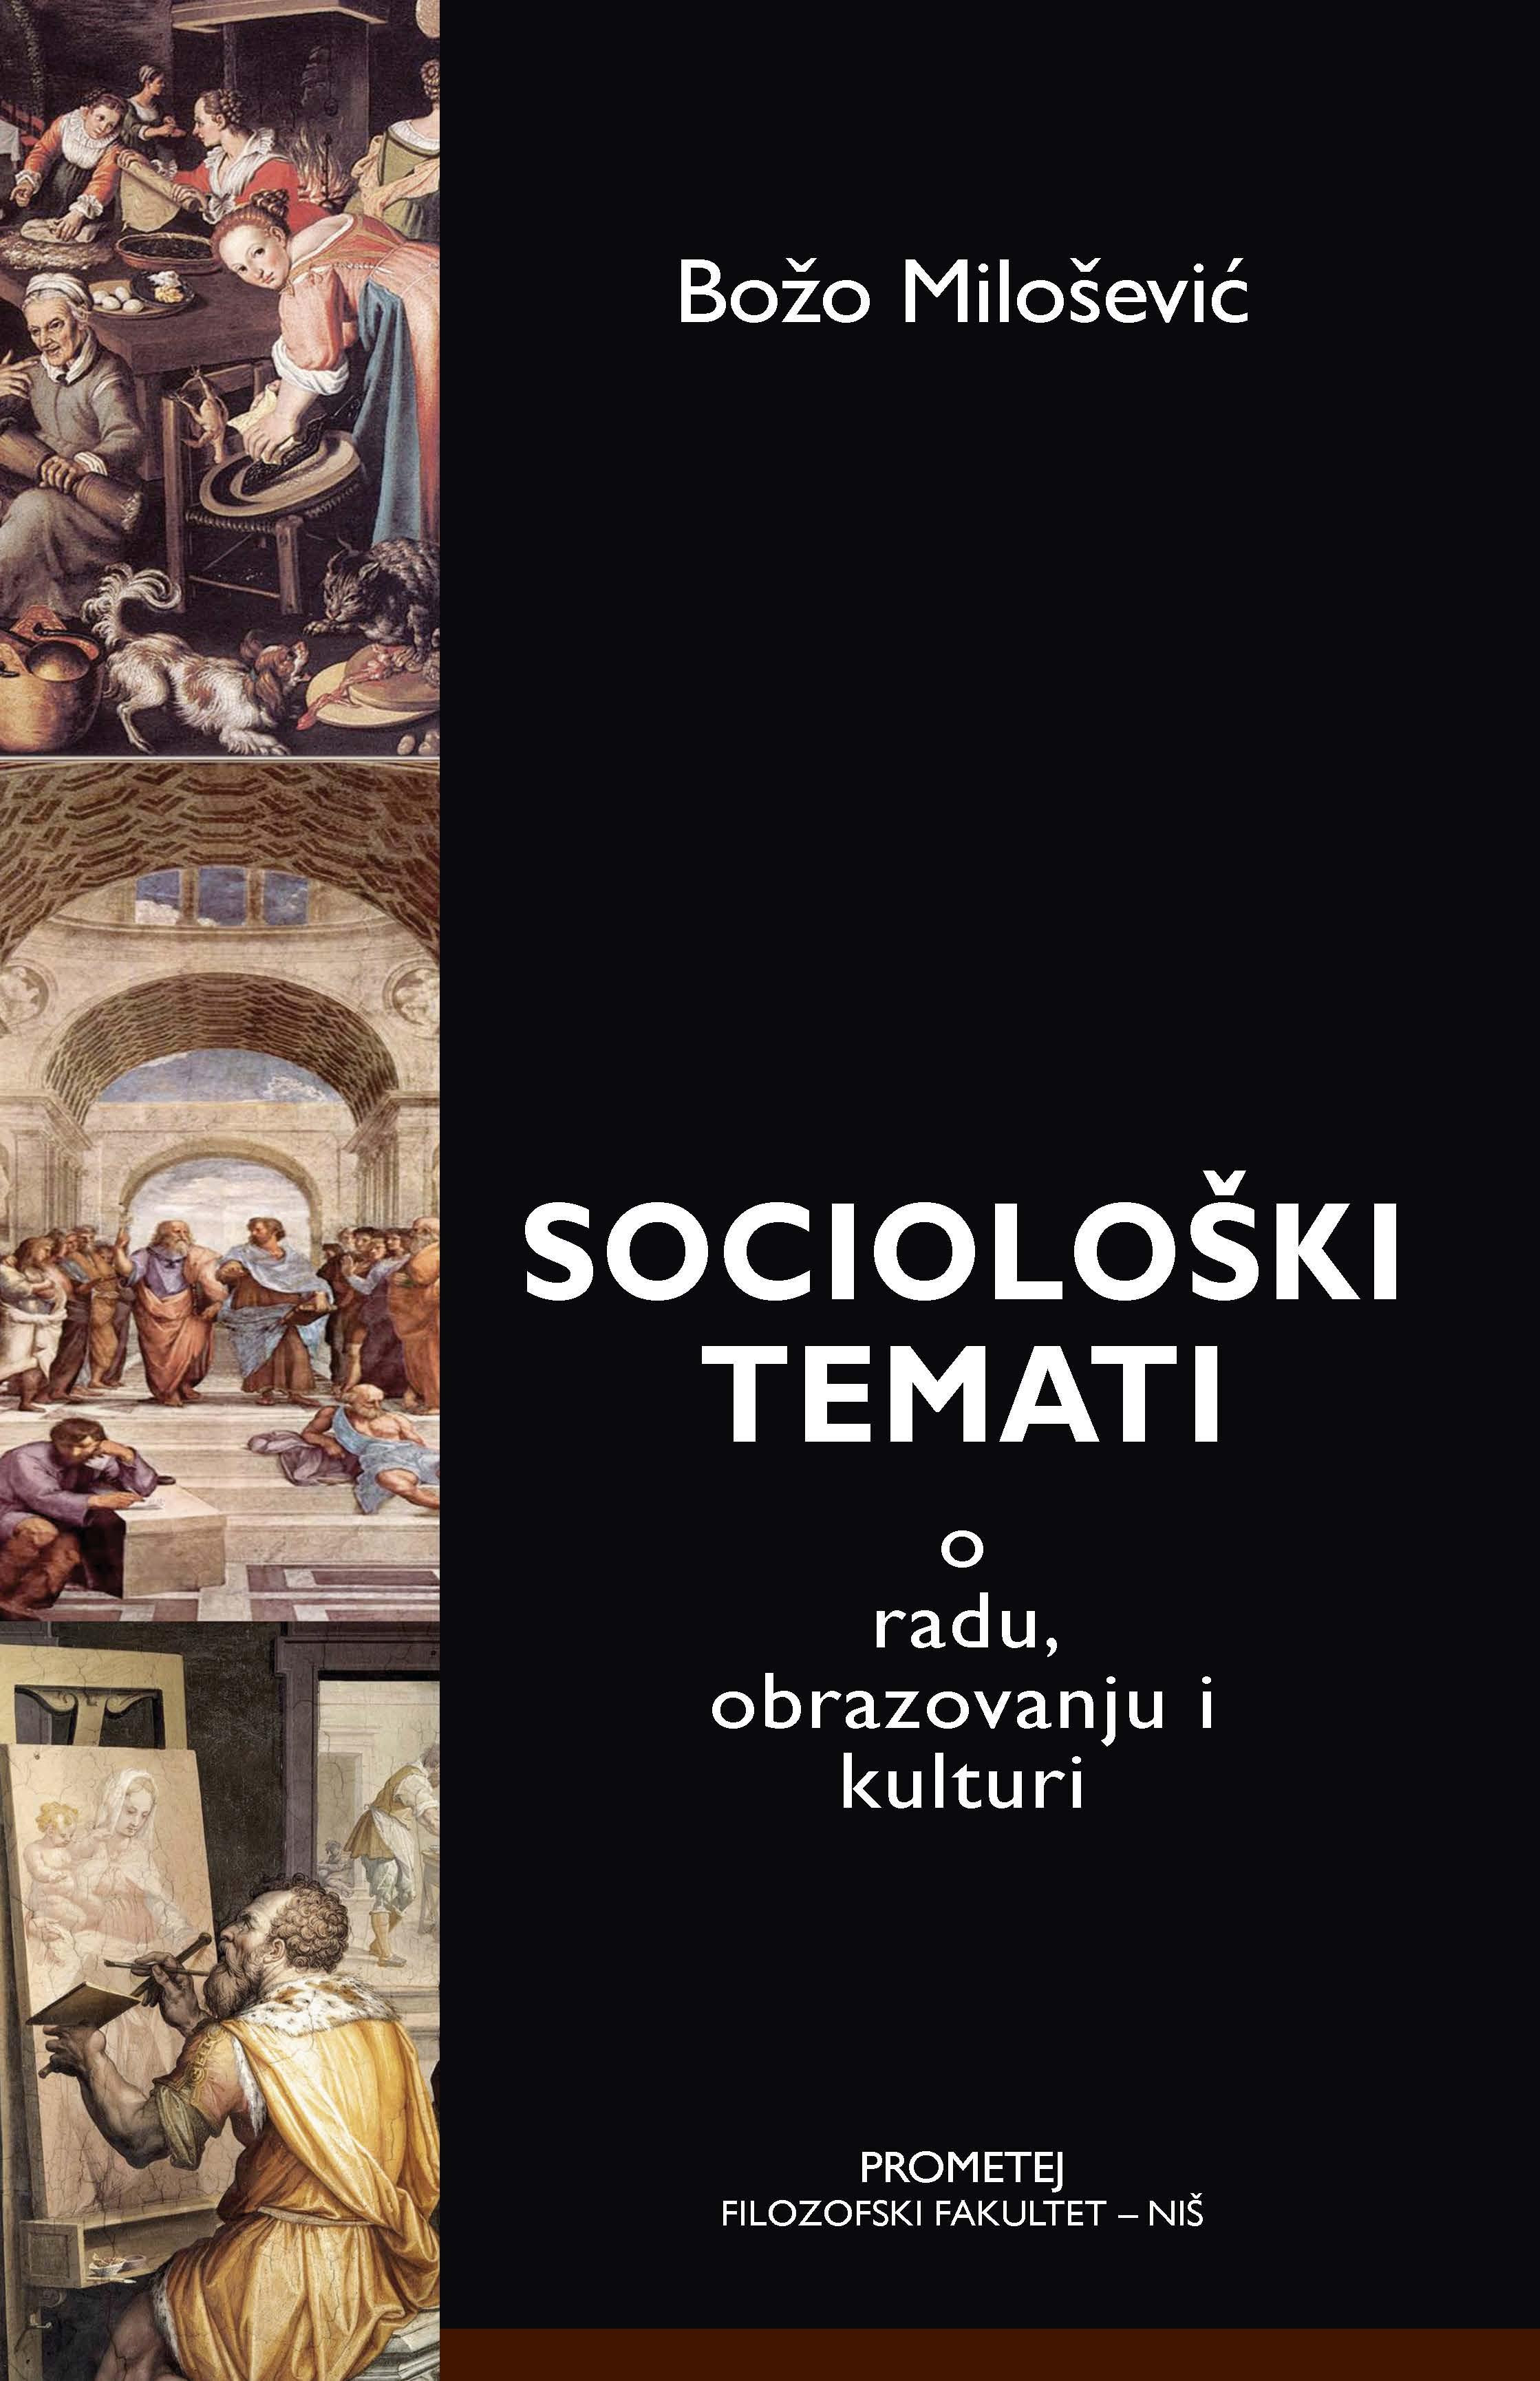 Социолошки темати